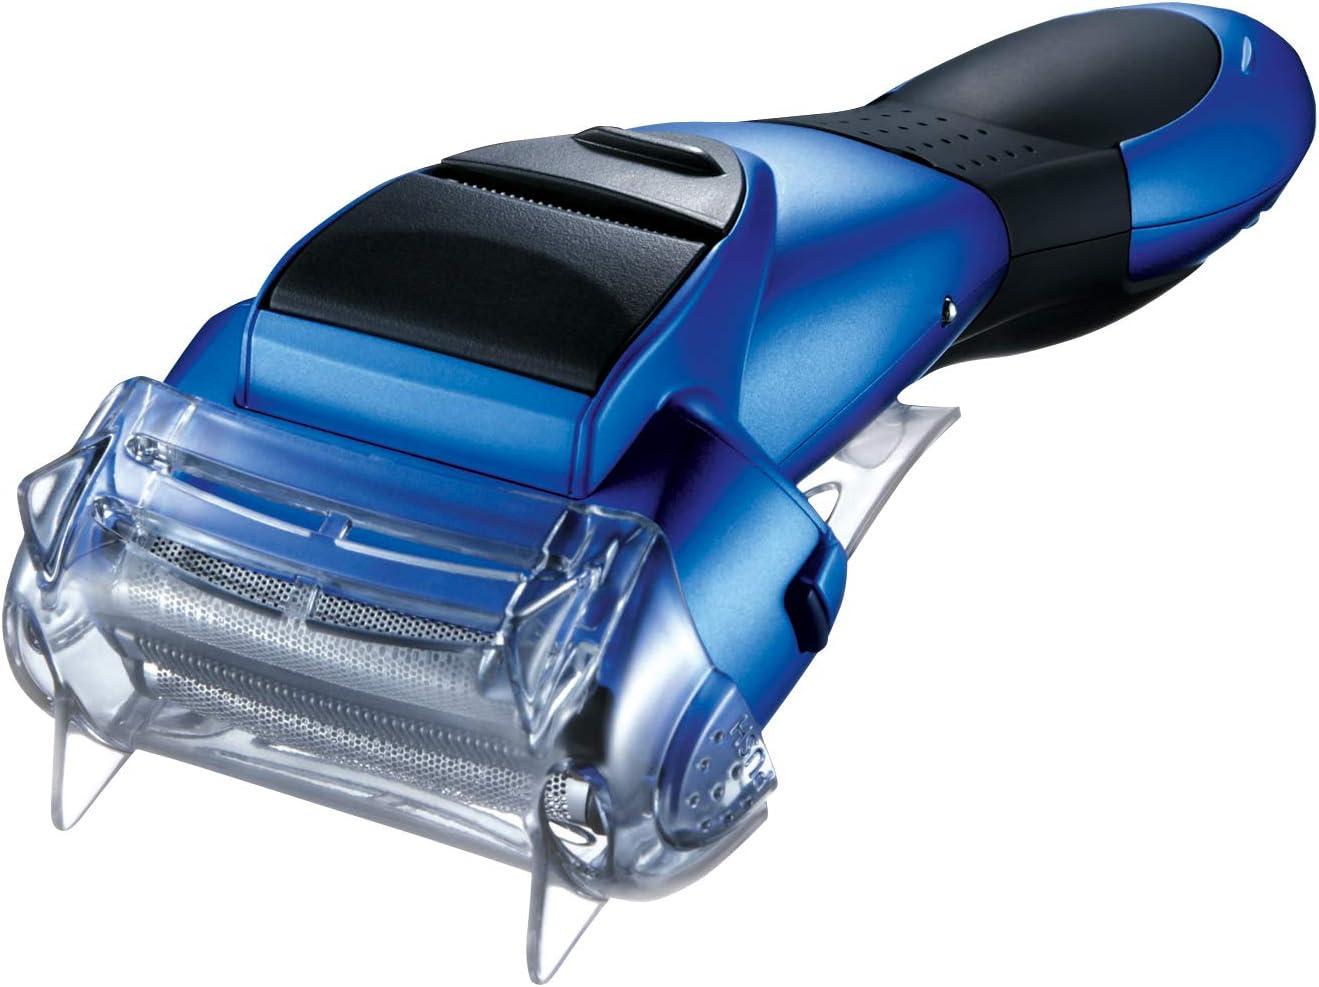 Panasonic ES-SL41-A503 - Afeitadora en seco y húmedo, 3 hojas, 3 cabezales con cuchillas nano pulidas de 30°, azul: Amazon.es: Salud y cuidado personal